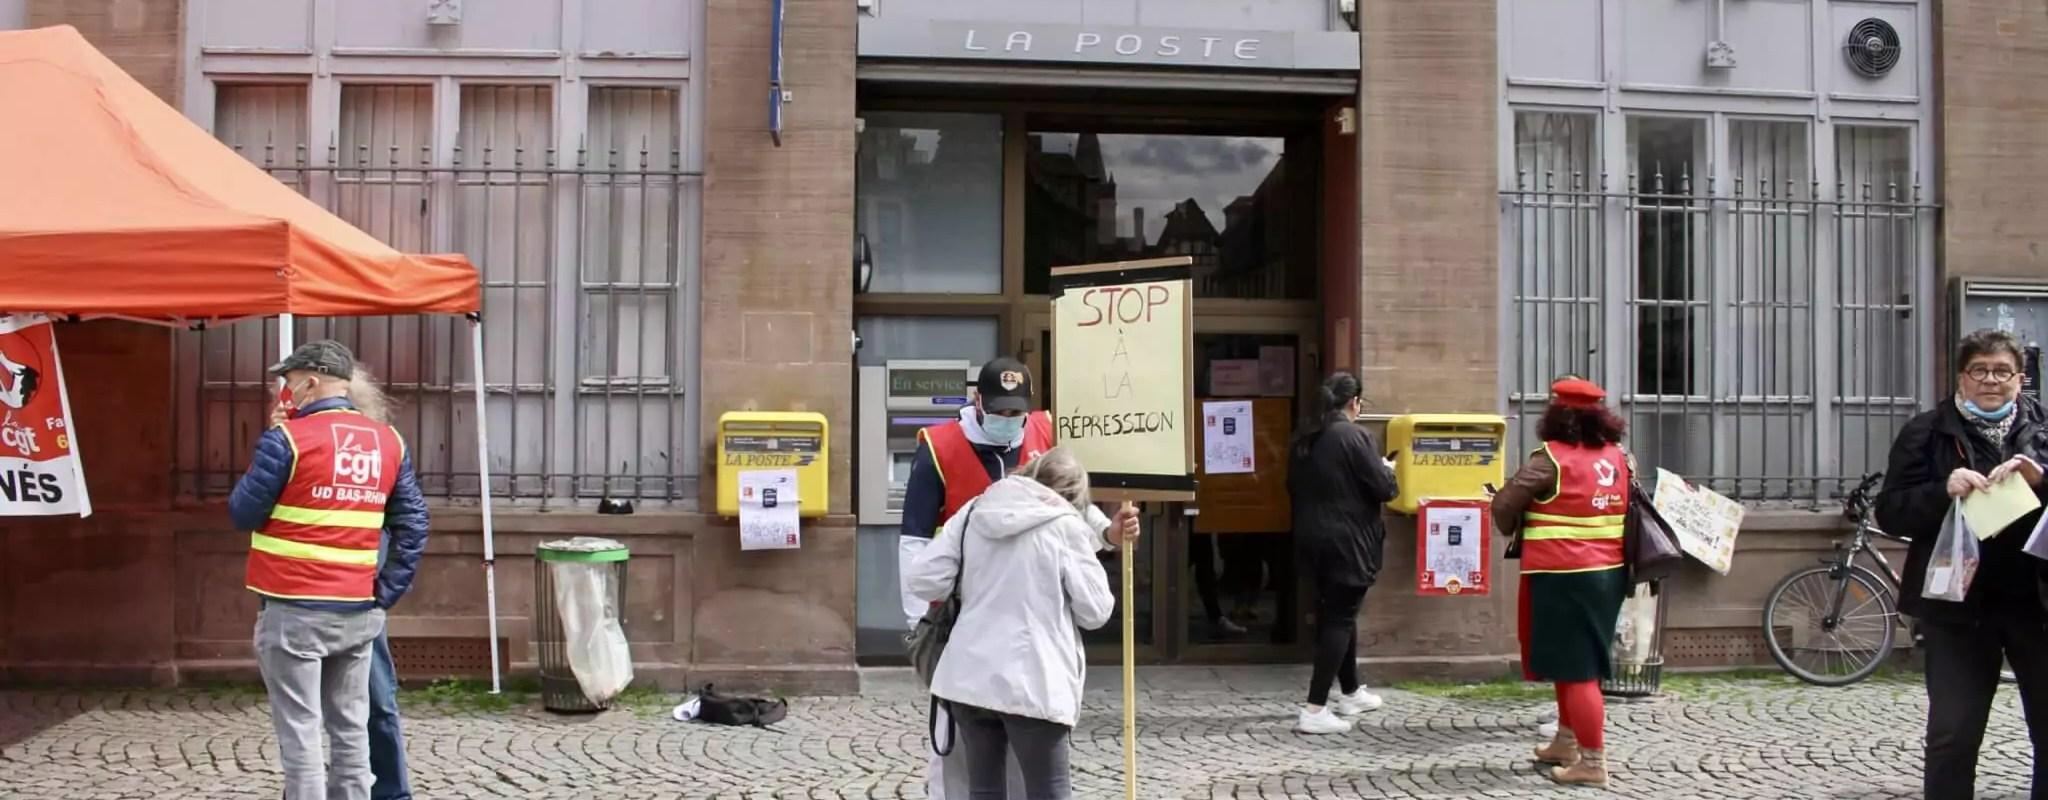 Un rassemblement contre une possible fermeture du bureau de Poste Strasbourg Cathédrale